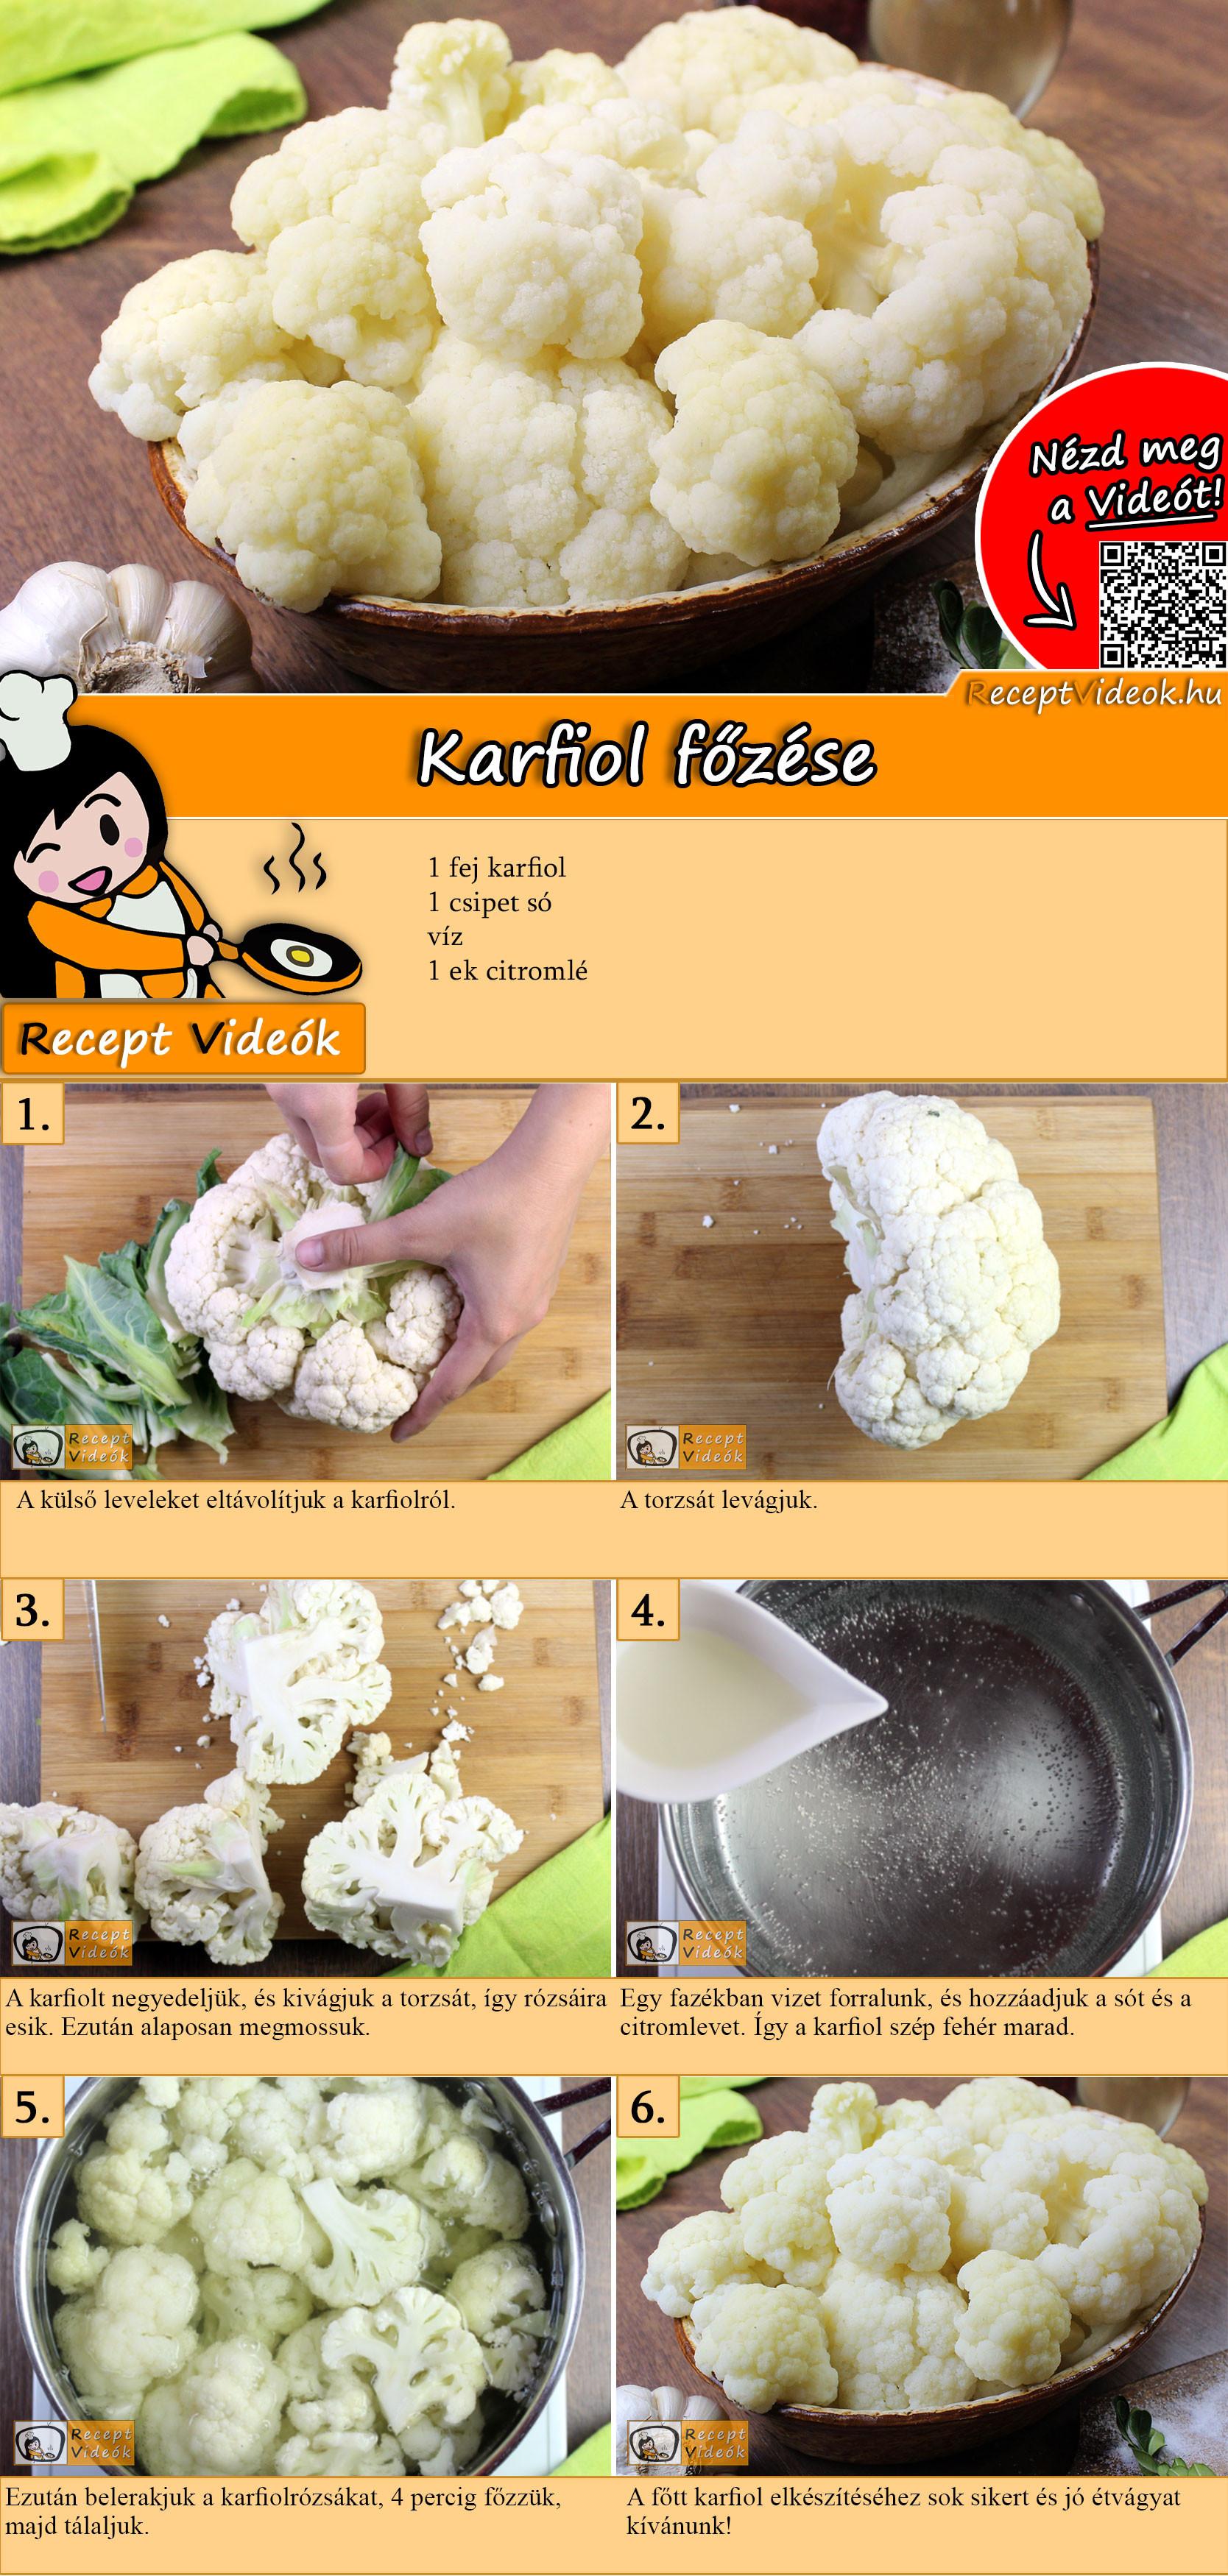 Karfiol főzése recept elkészítése videóval